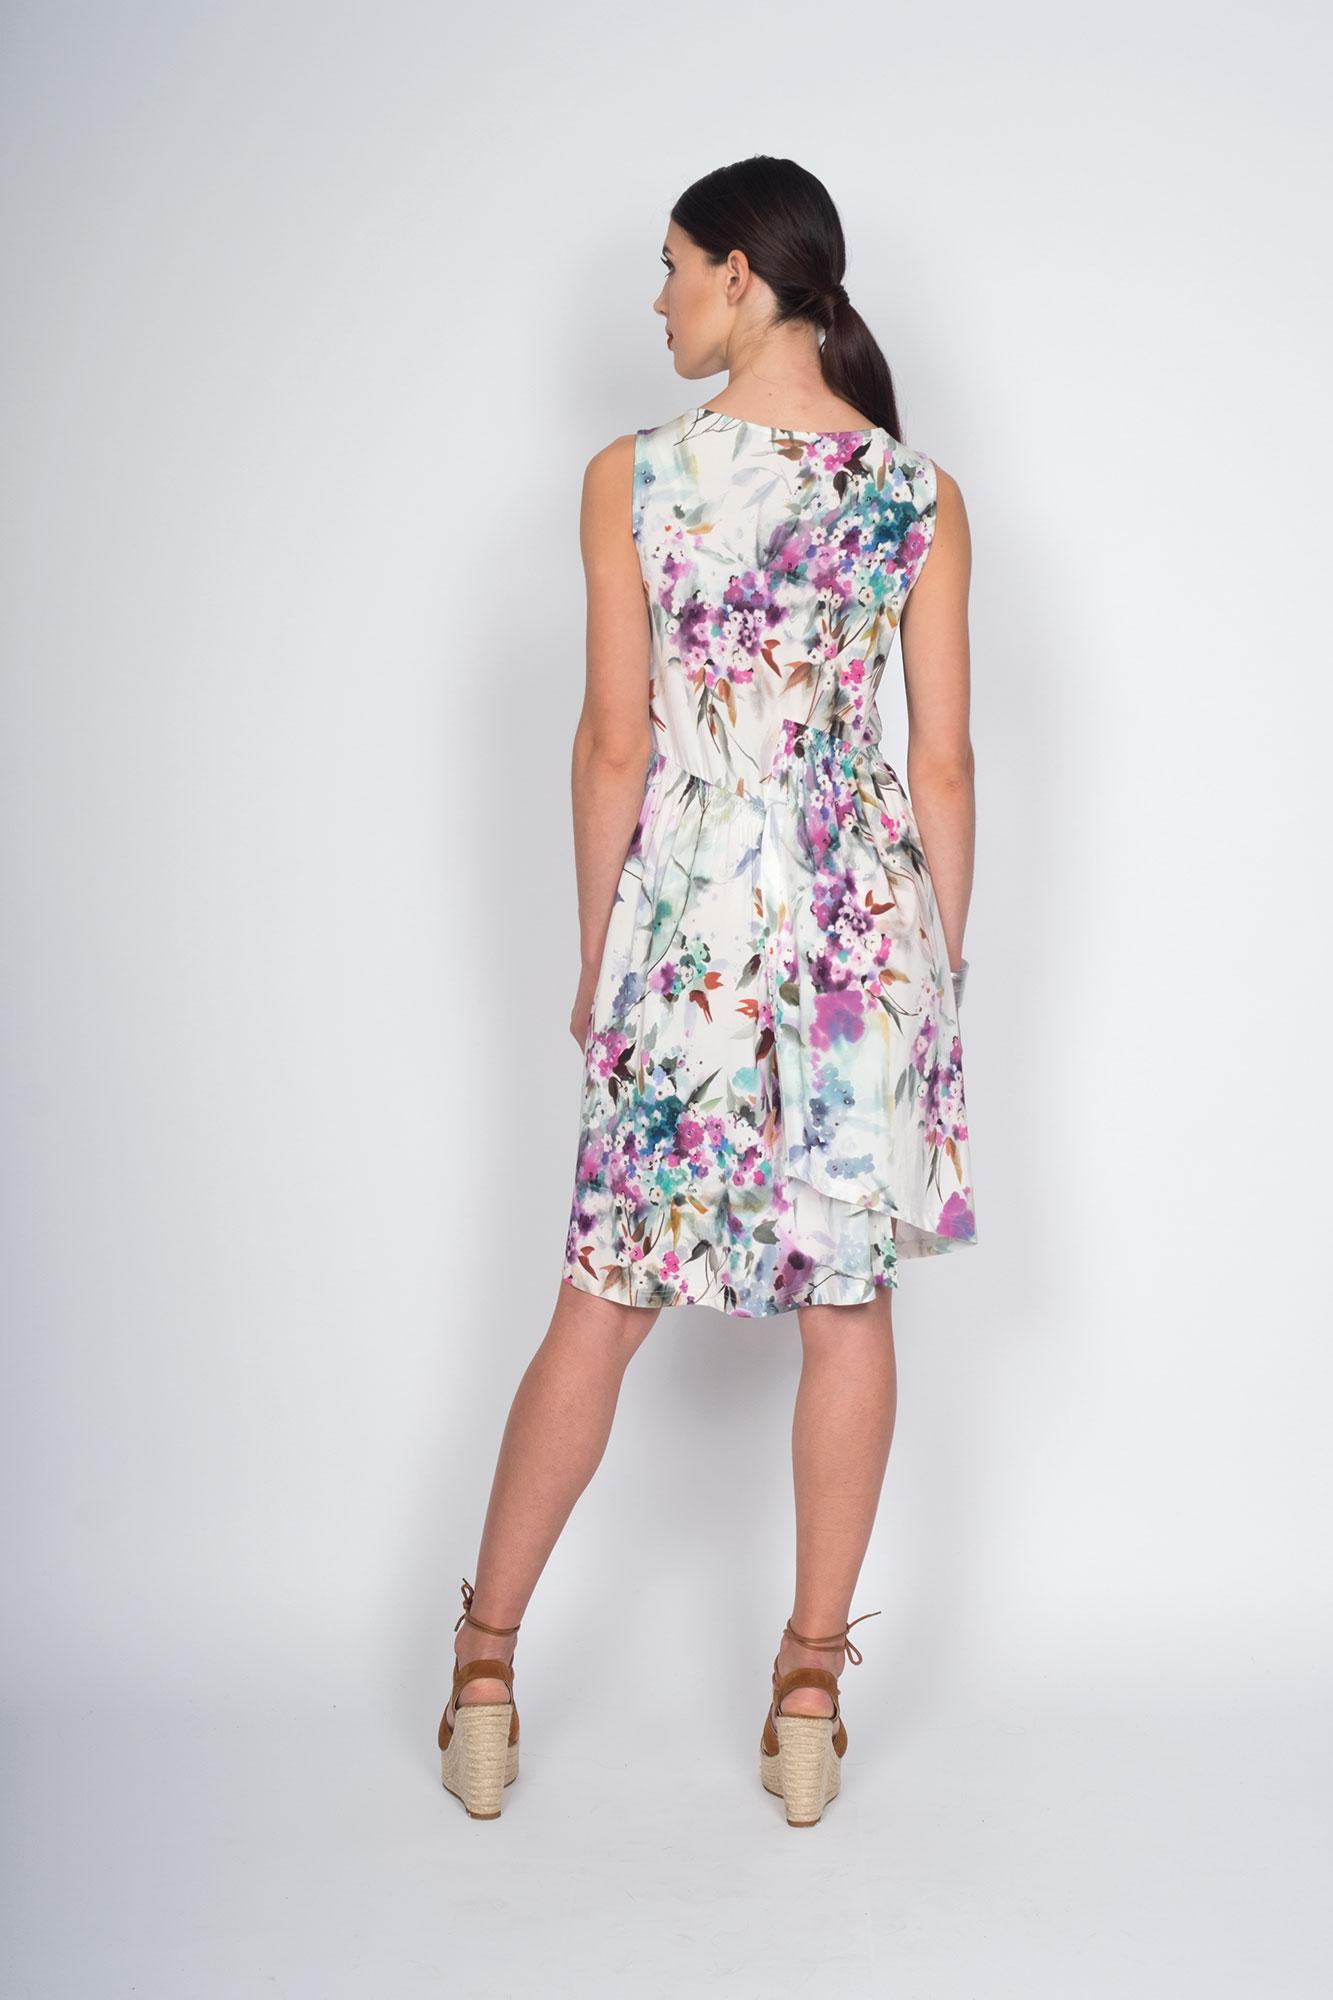 Creative Models - Servizio fotografico abbigliamento moda - 36